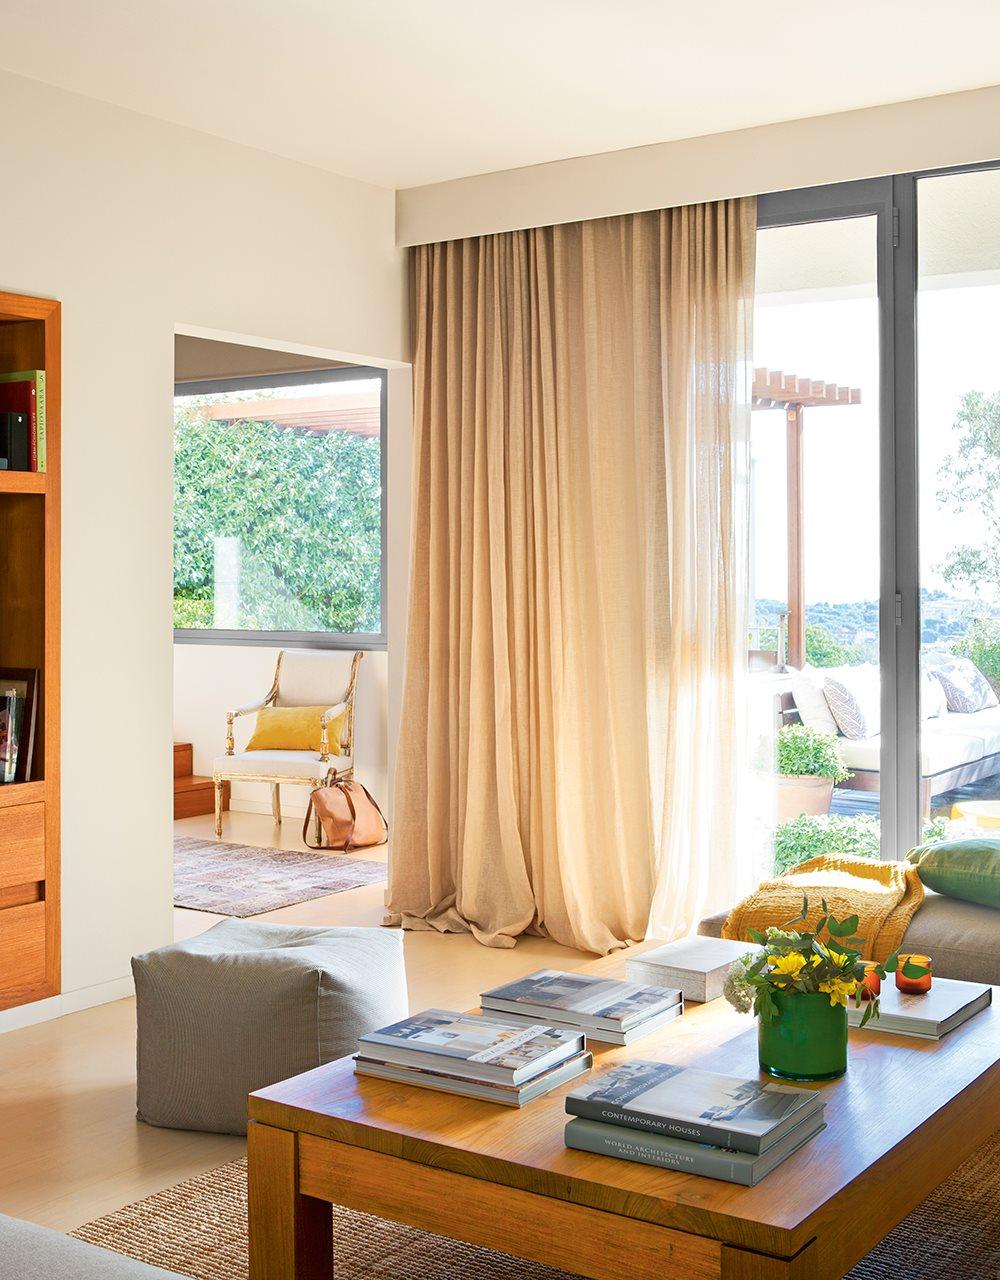 Reforma de una casa con terraza - Mesita auxiliar sofa ...